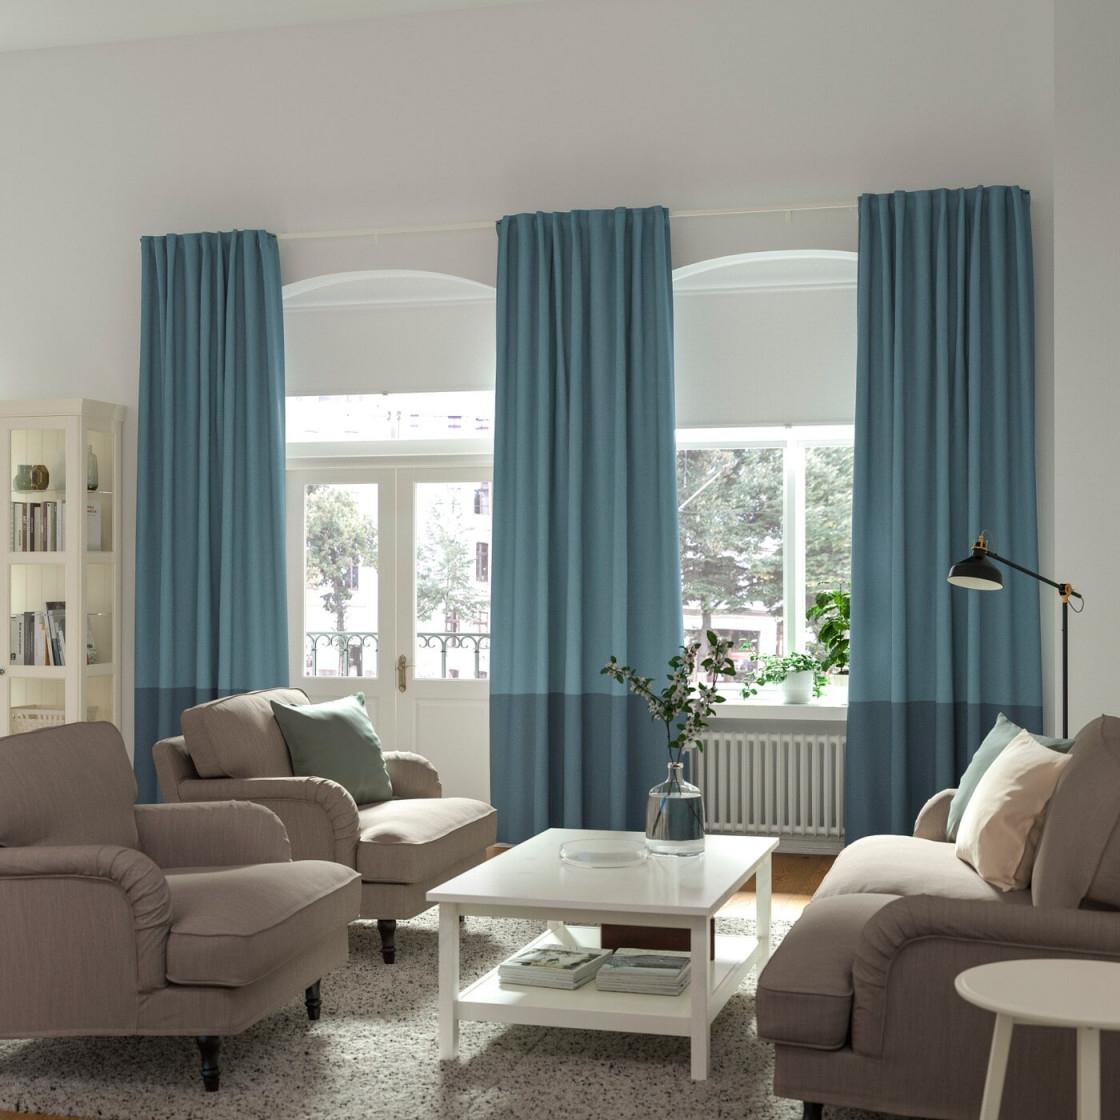 Gardinenideen Inspirationen Für Dein Zuhause  Ikea von Gardinen Wohnzimmer Ideen Bild